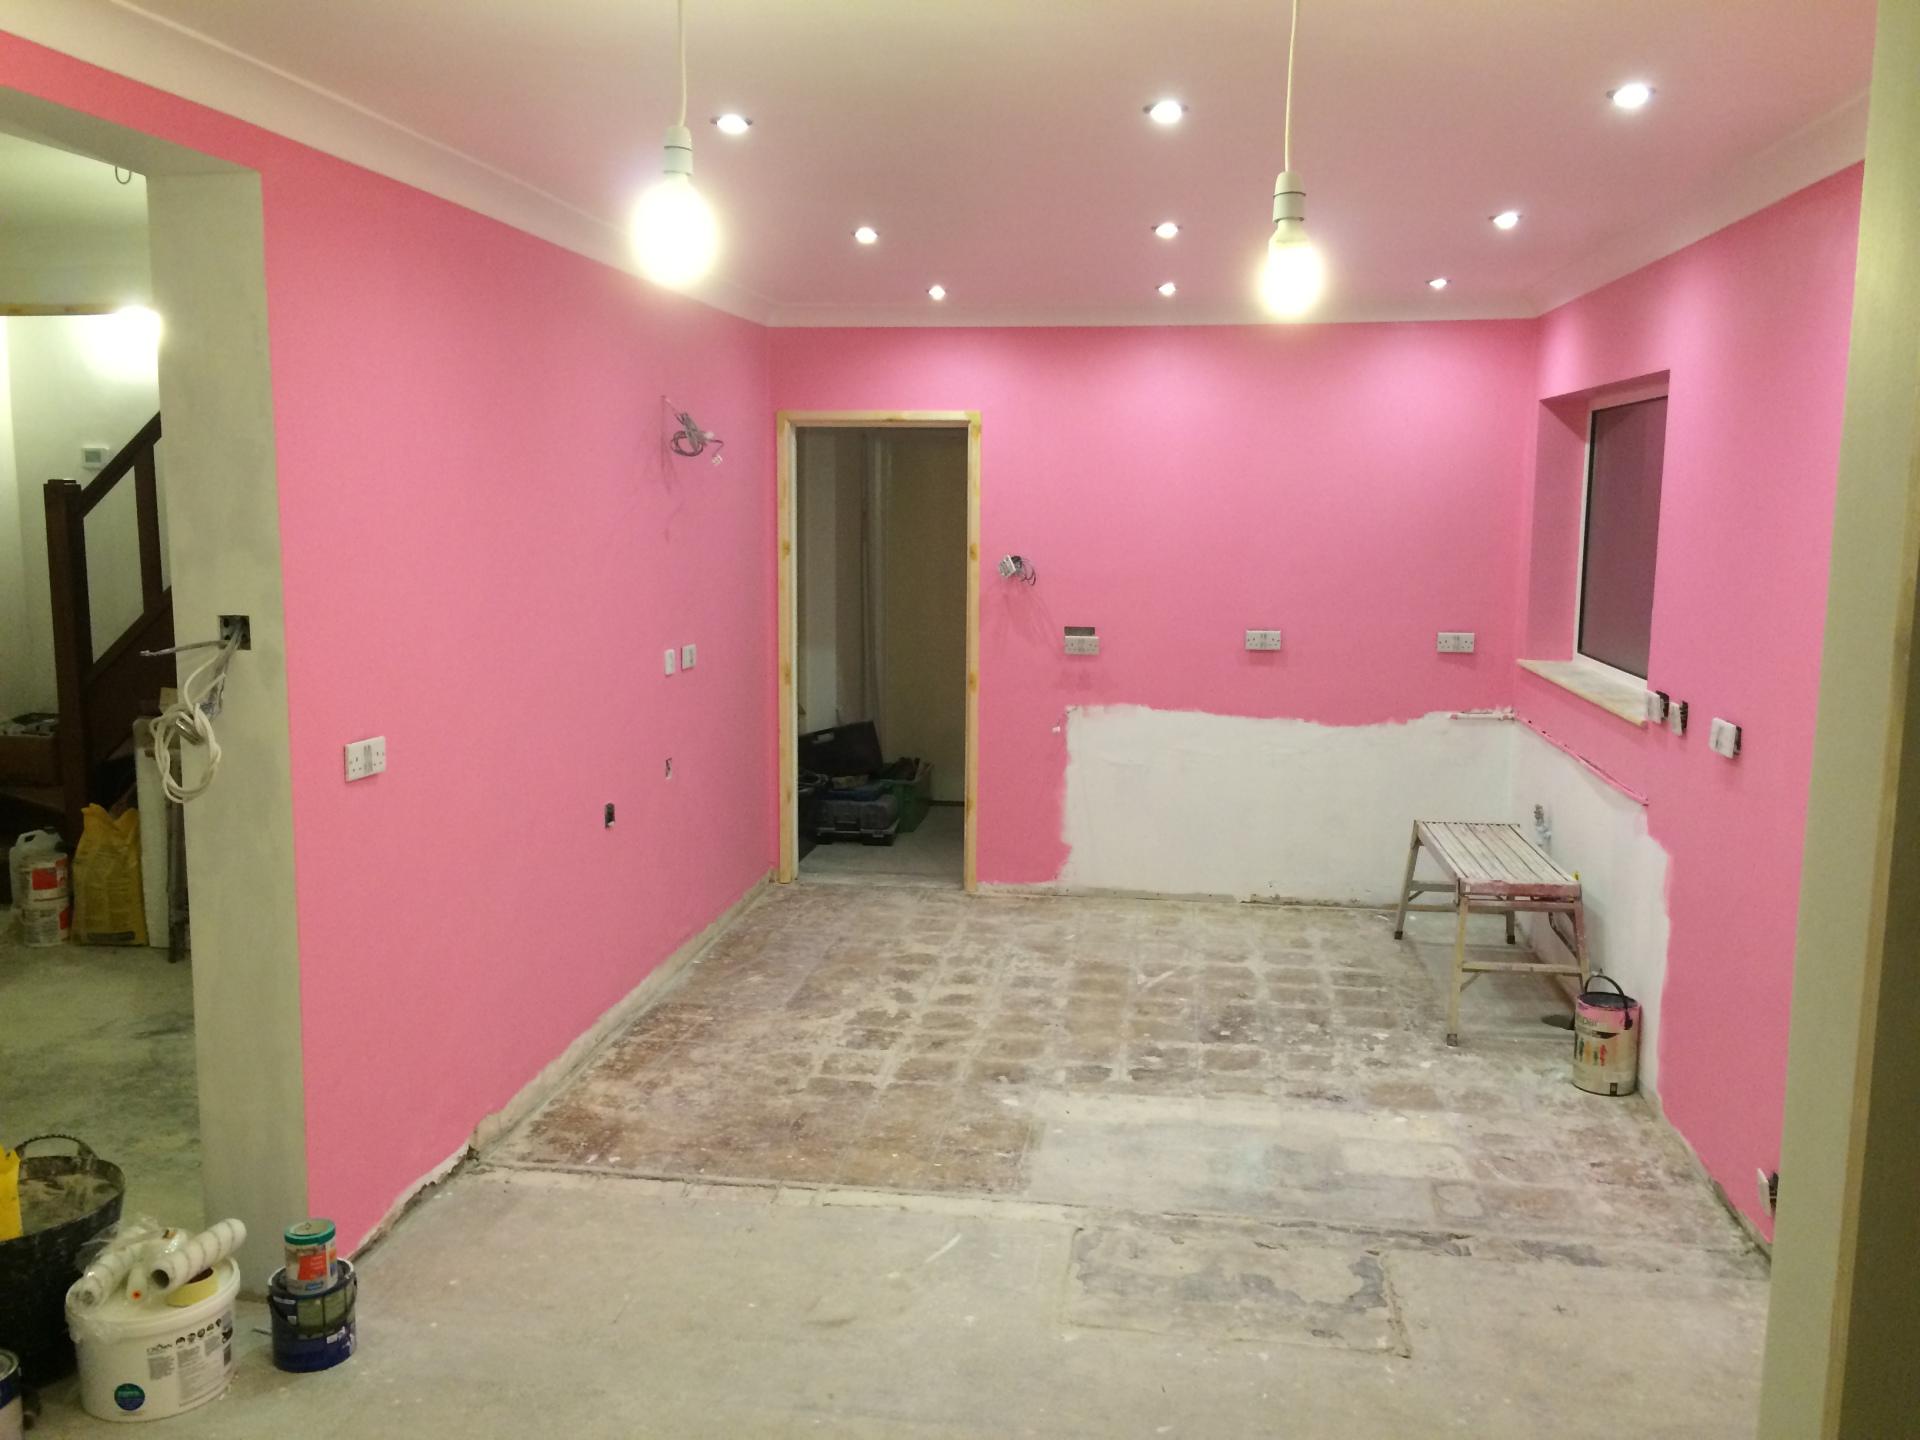 Pink kitchen walls!